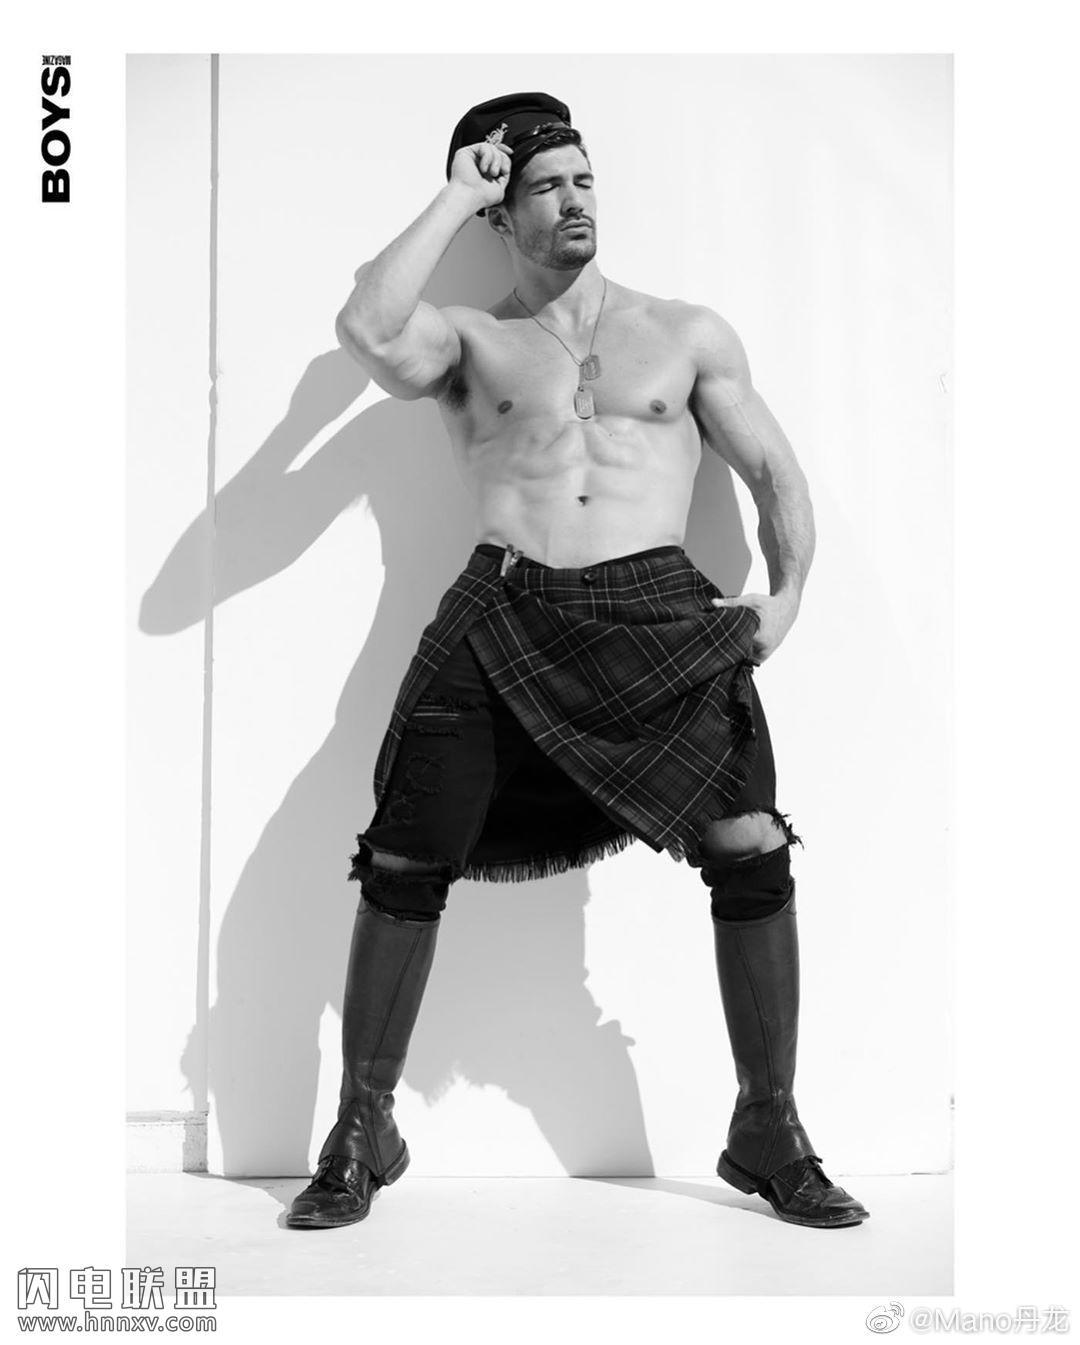 气质欧美肌肉型男照片